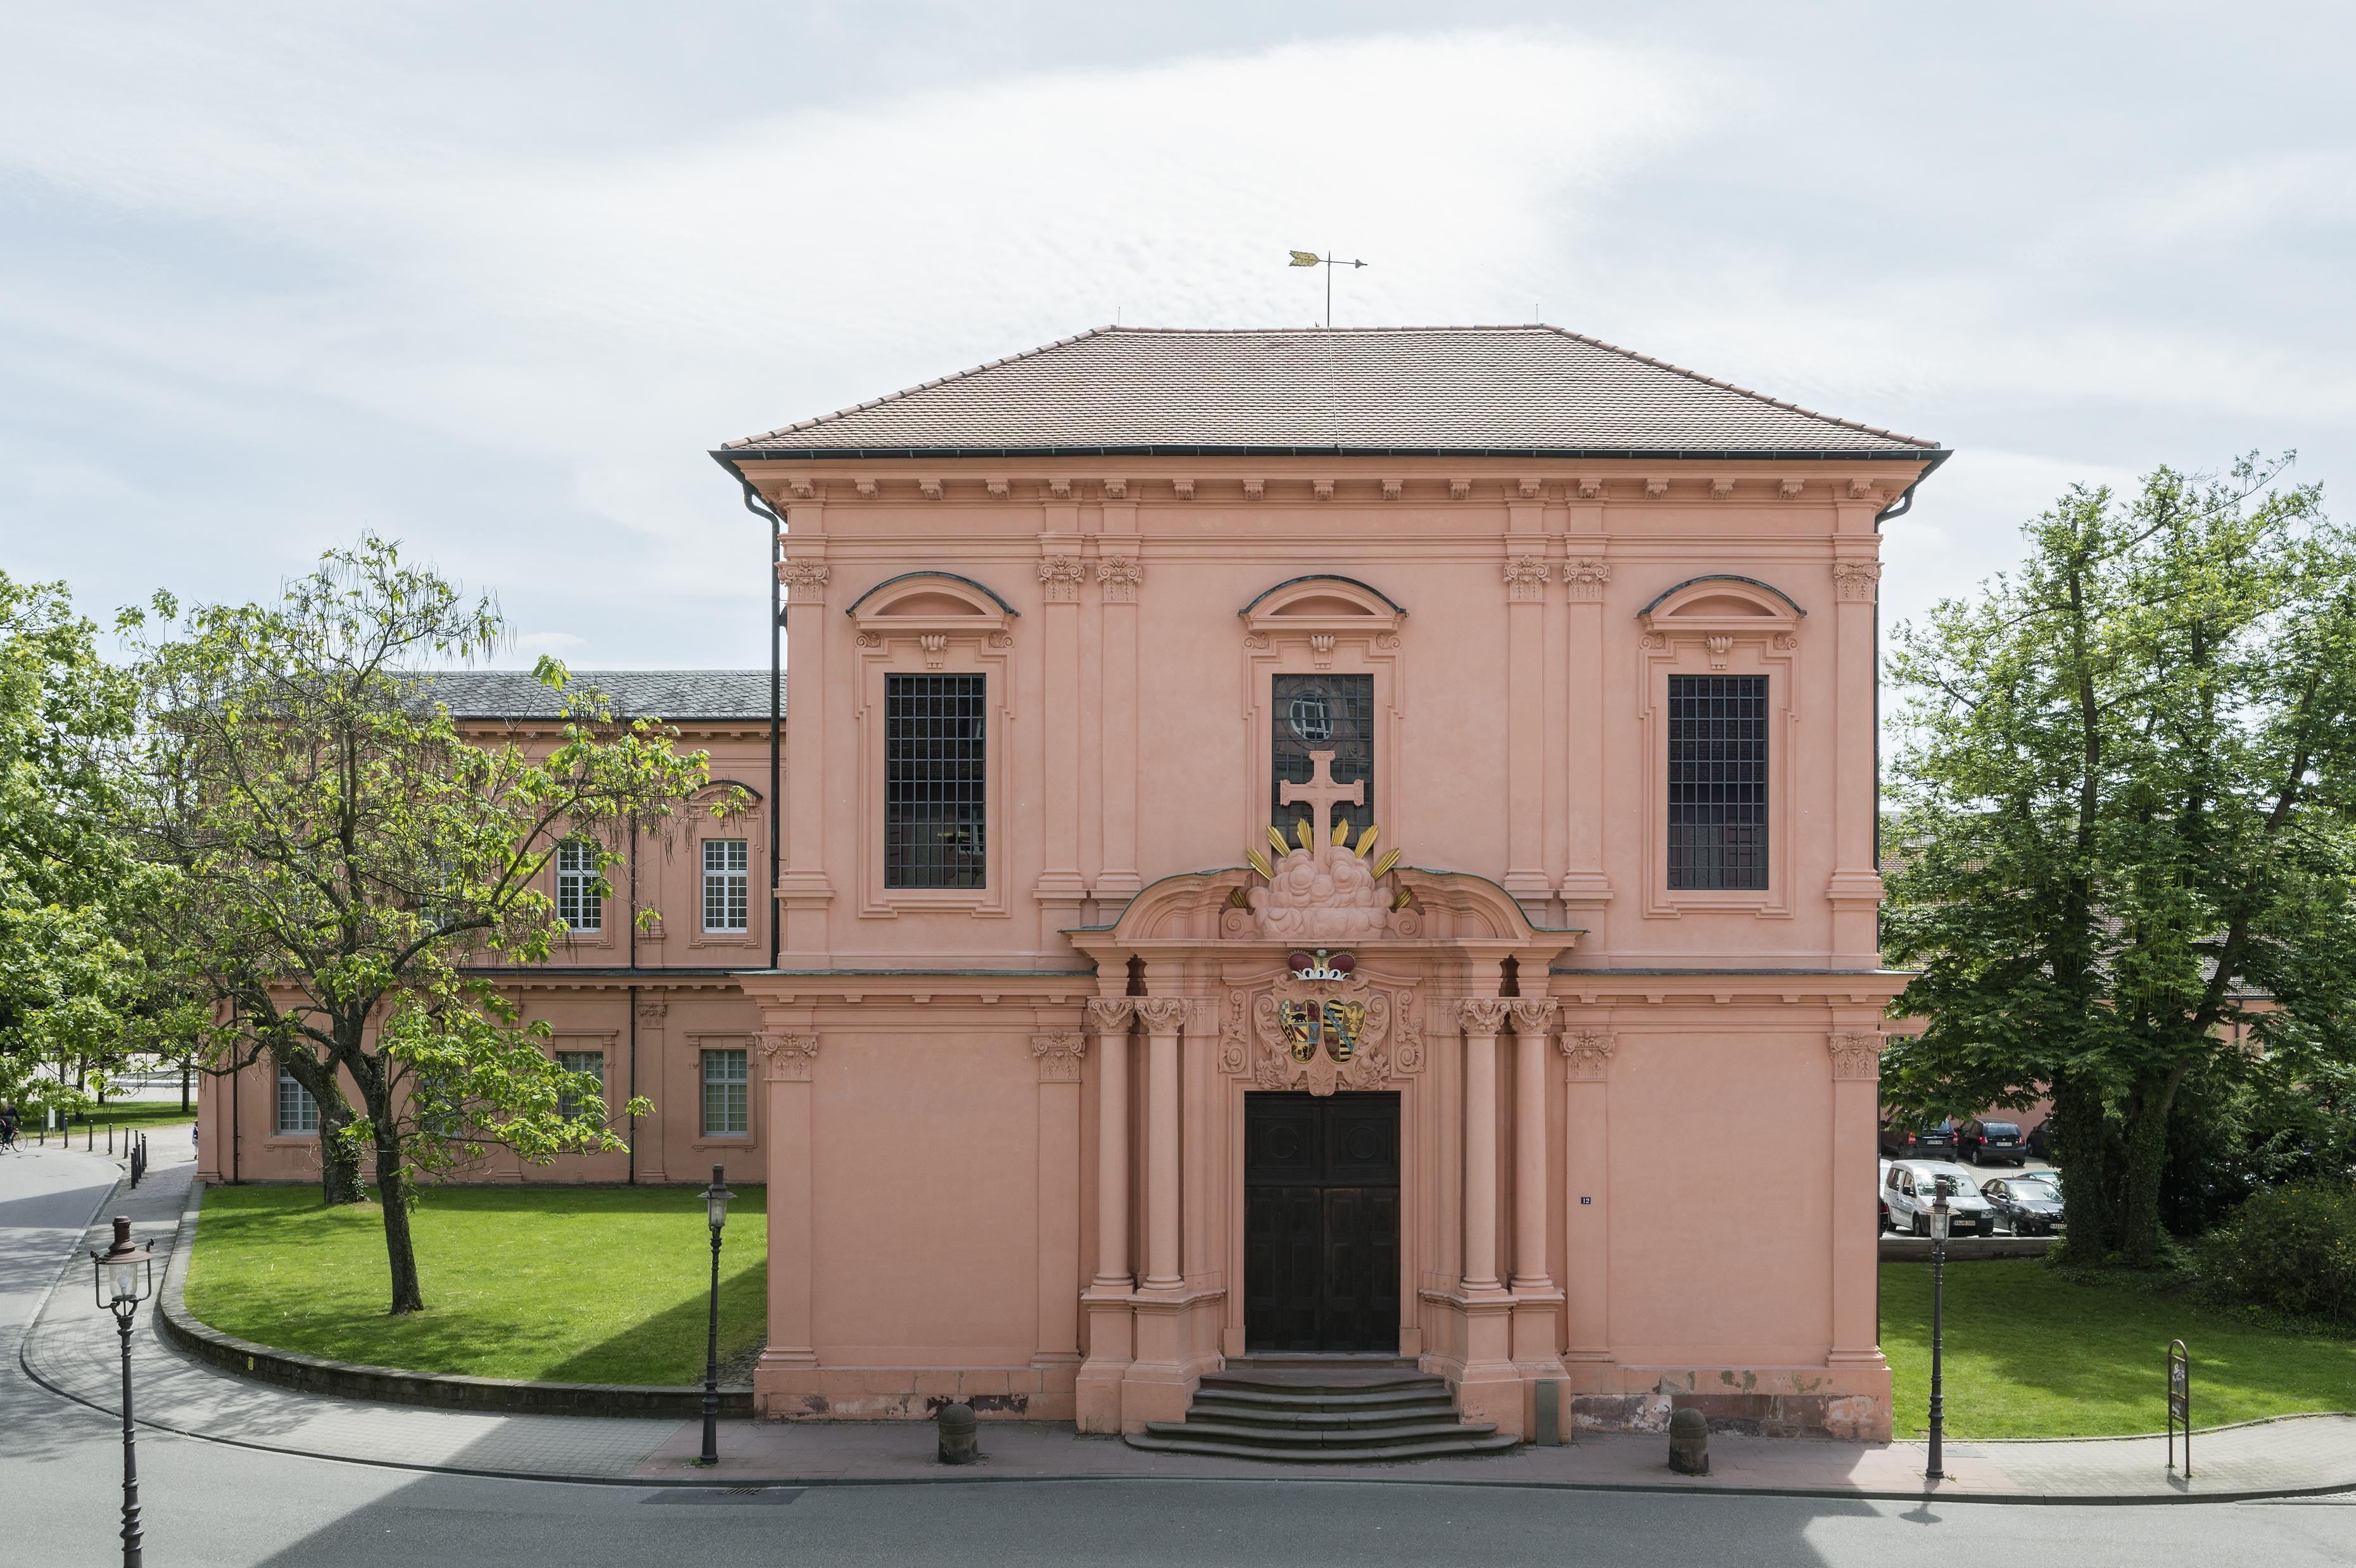 Residenzschloss Rastatt, Fassade der Schlosskirche